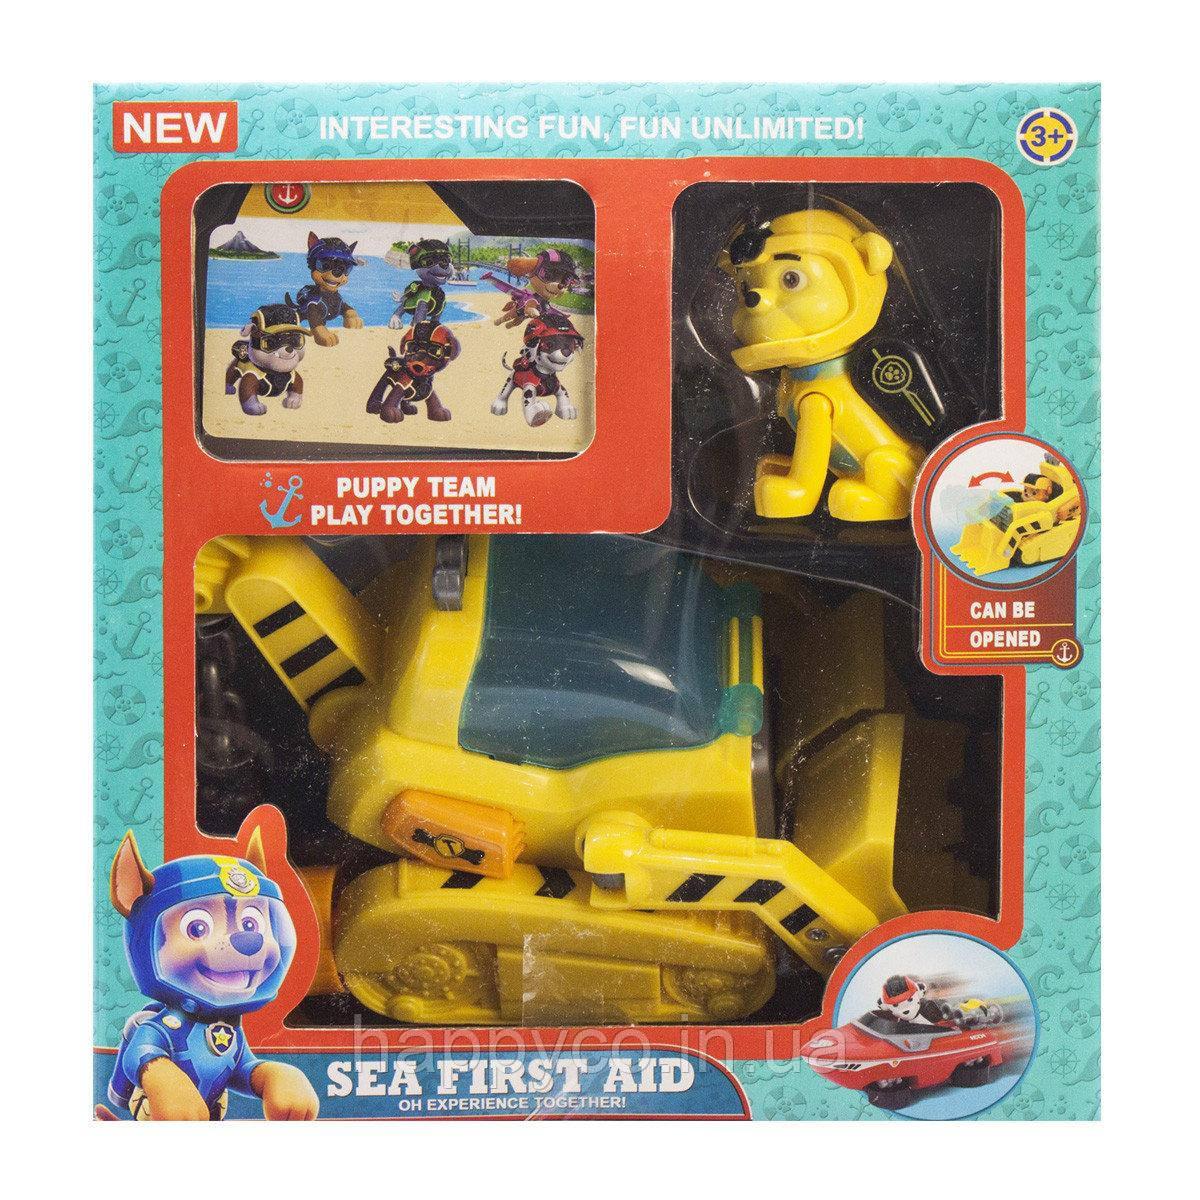 Щенок из серии Морской патруль ,Крепыш, детская игрушка